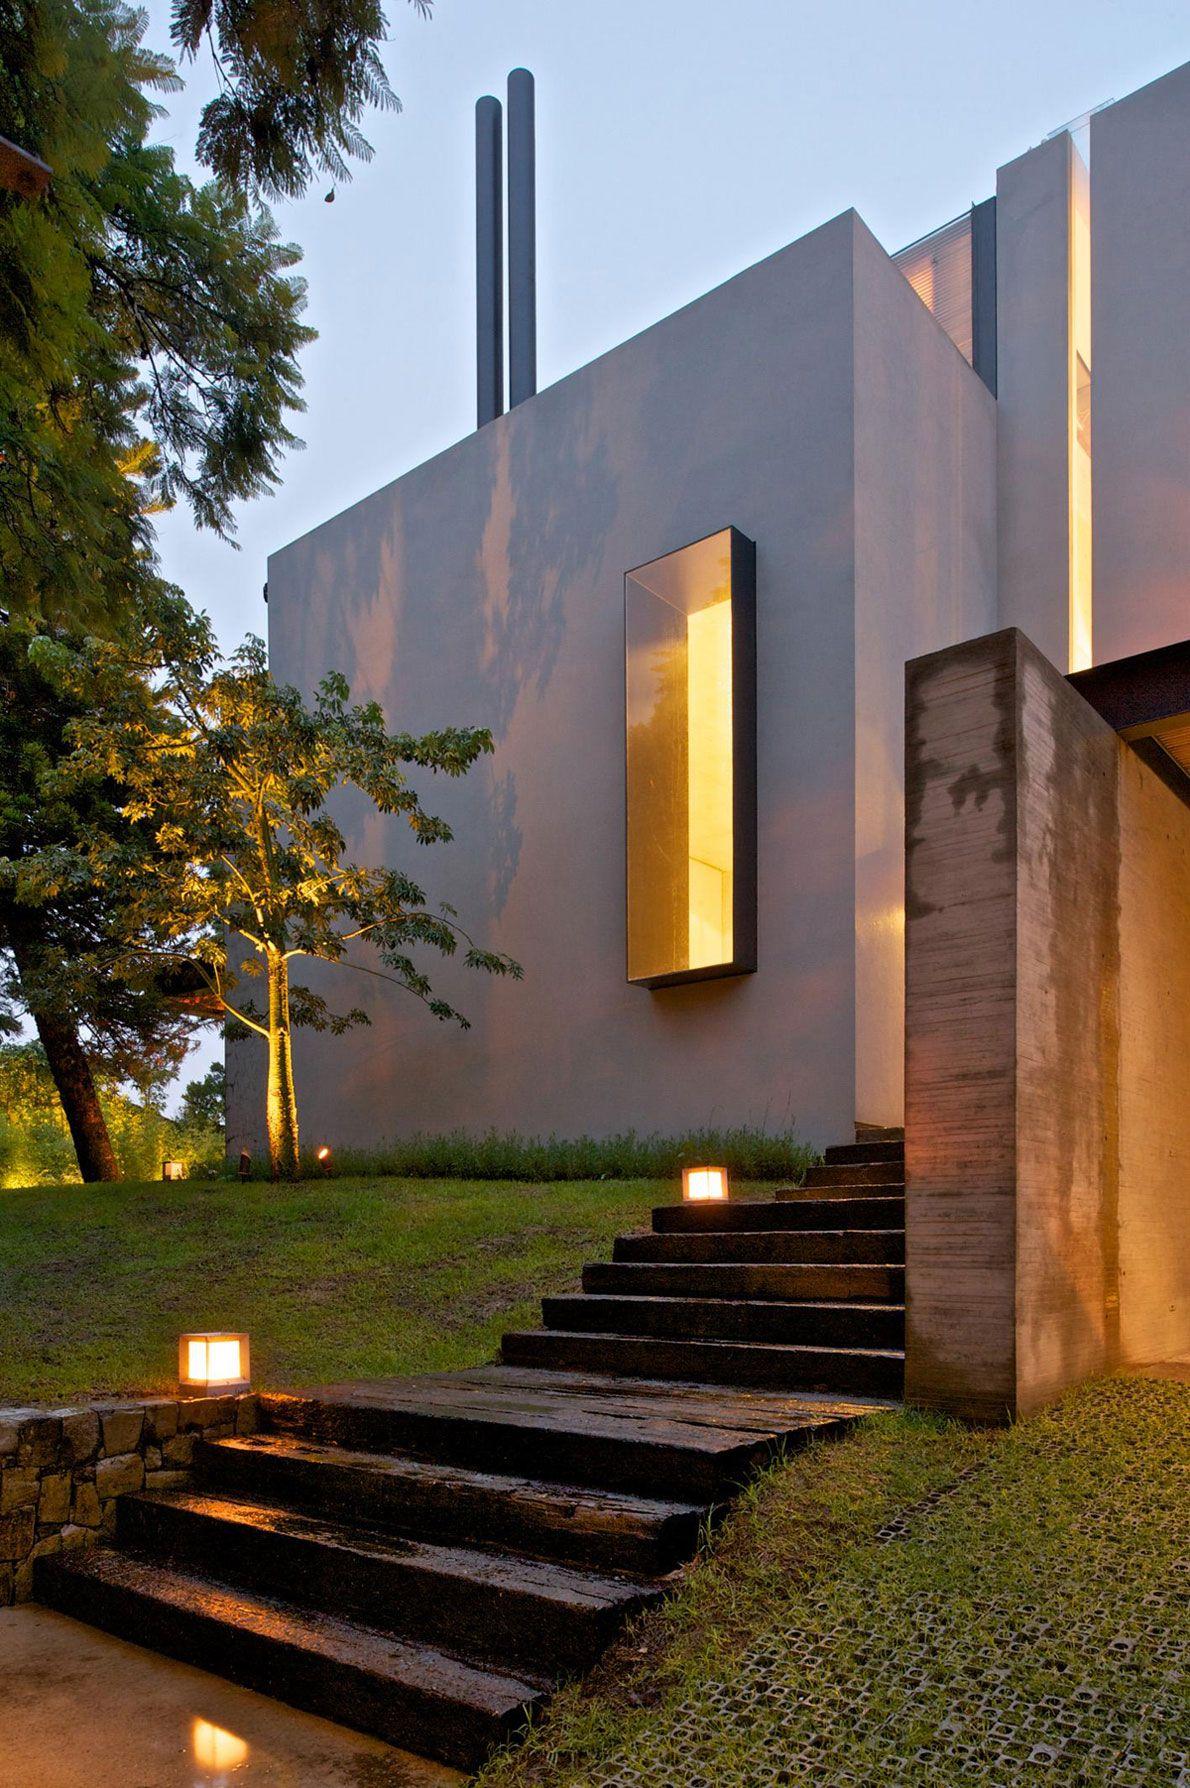 Casa Jacarandas By Hernandez Silva Arquitectos  In Guadalajara, Jalisco,